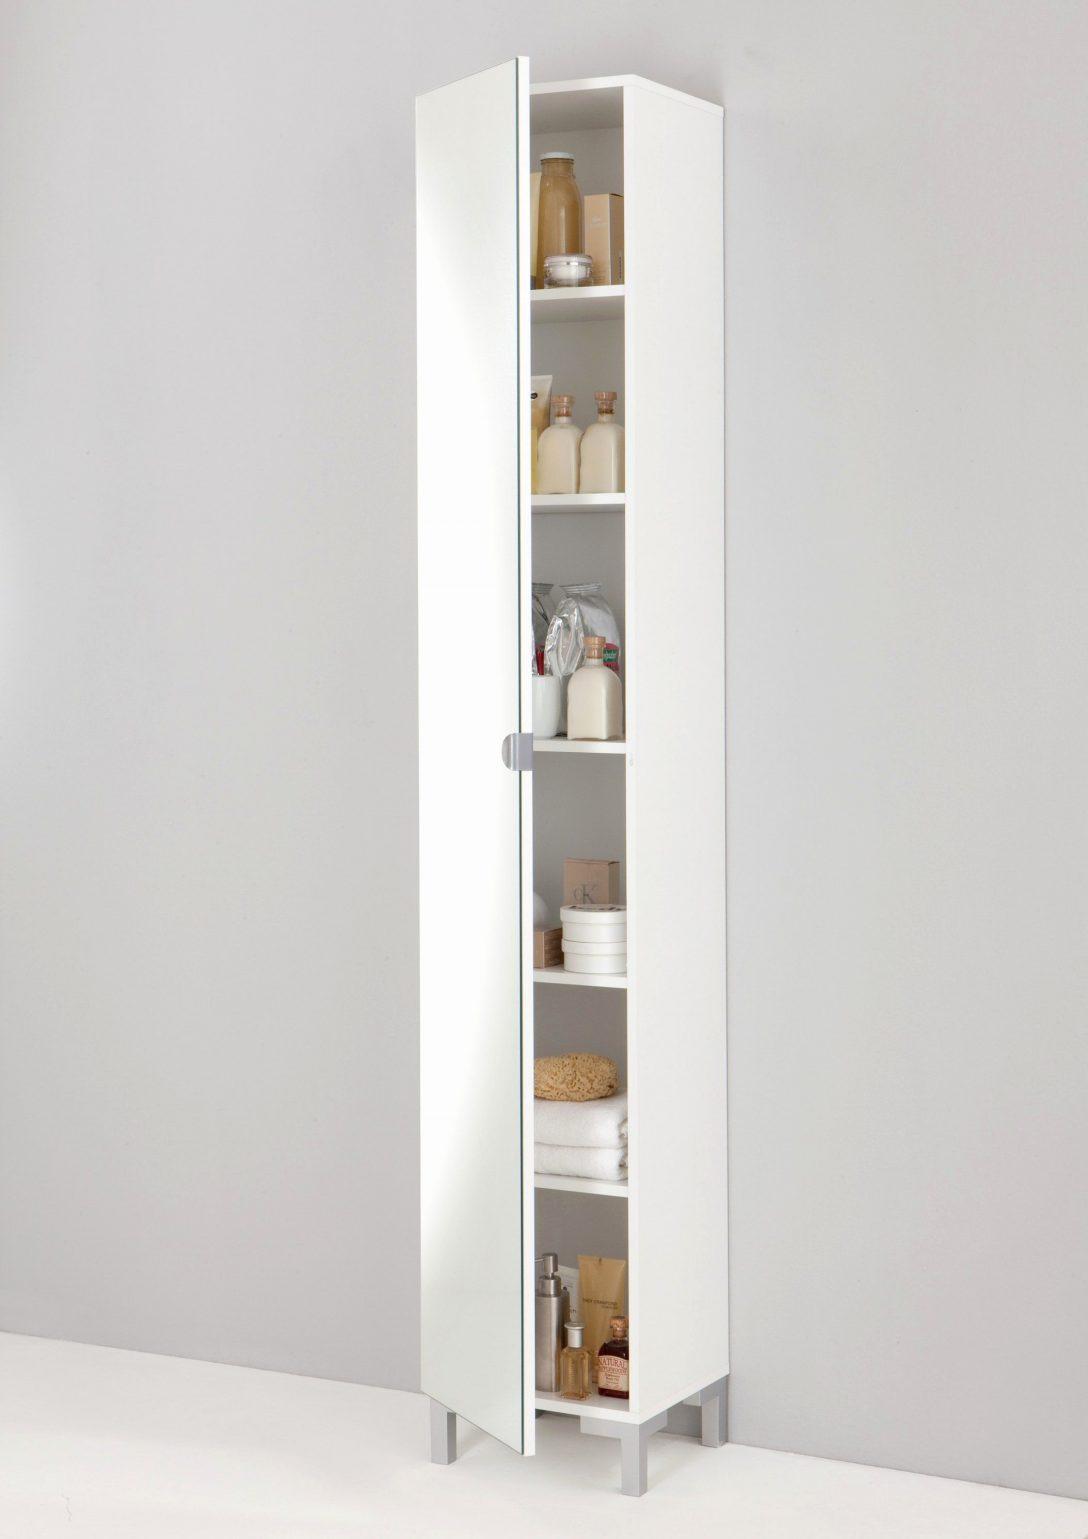 Full Size of Apothekerschrank Küche Ikea Kche 20cm Breit Luxus 40 Cm Billig Barhocker Spülbecken Lüftung Keramik Waschbecken Sockelblende Buche Gewinnen Kleiner Tisch Wohnzimmer Apothekerschrank Küche Ikea